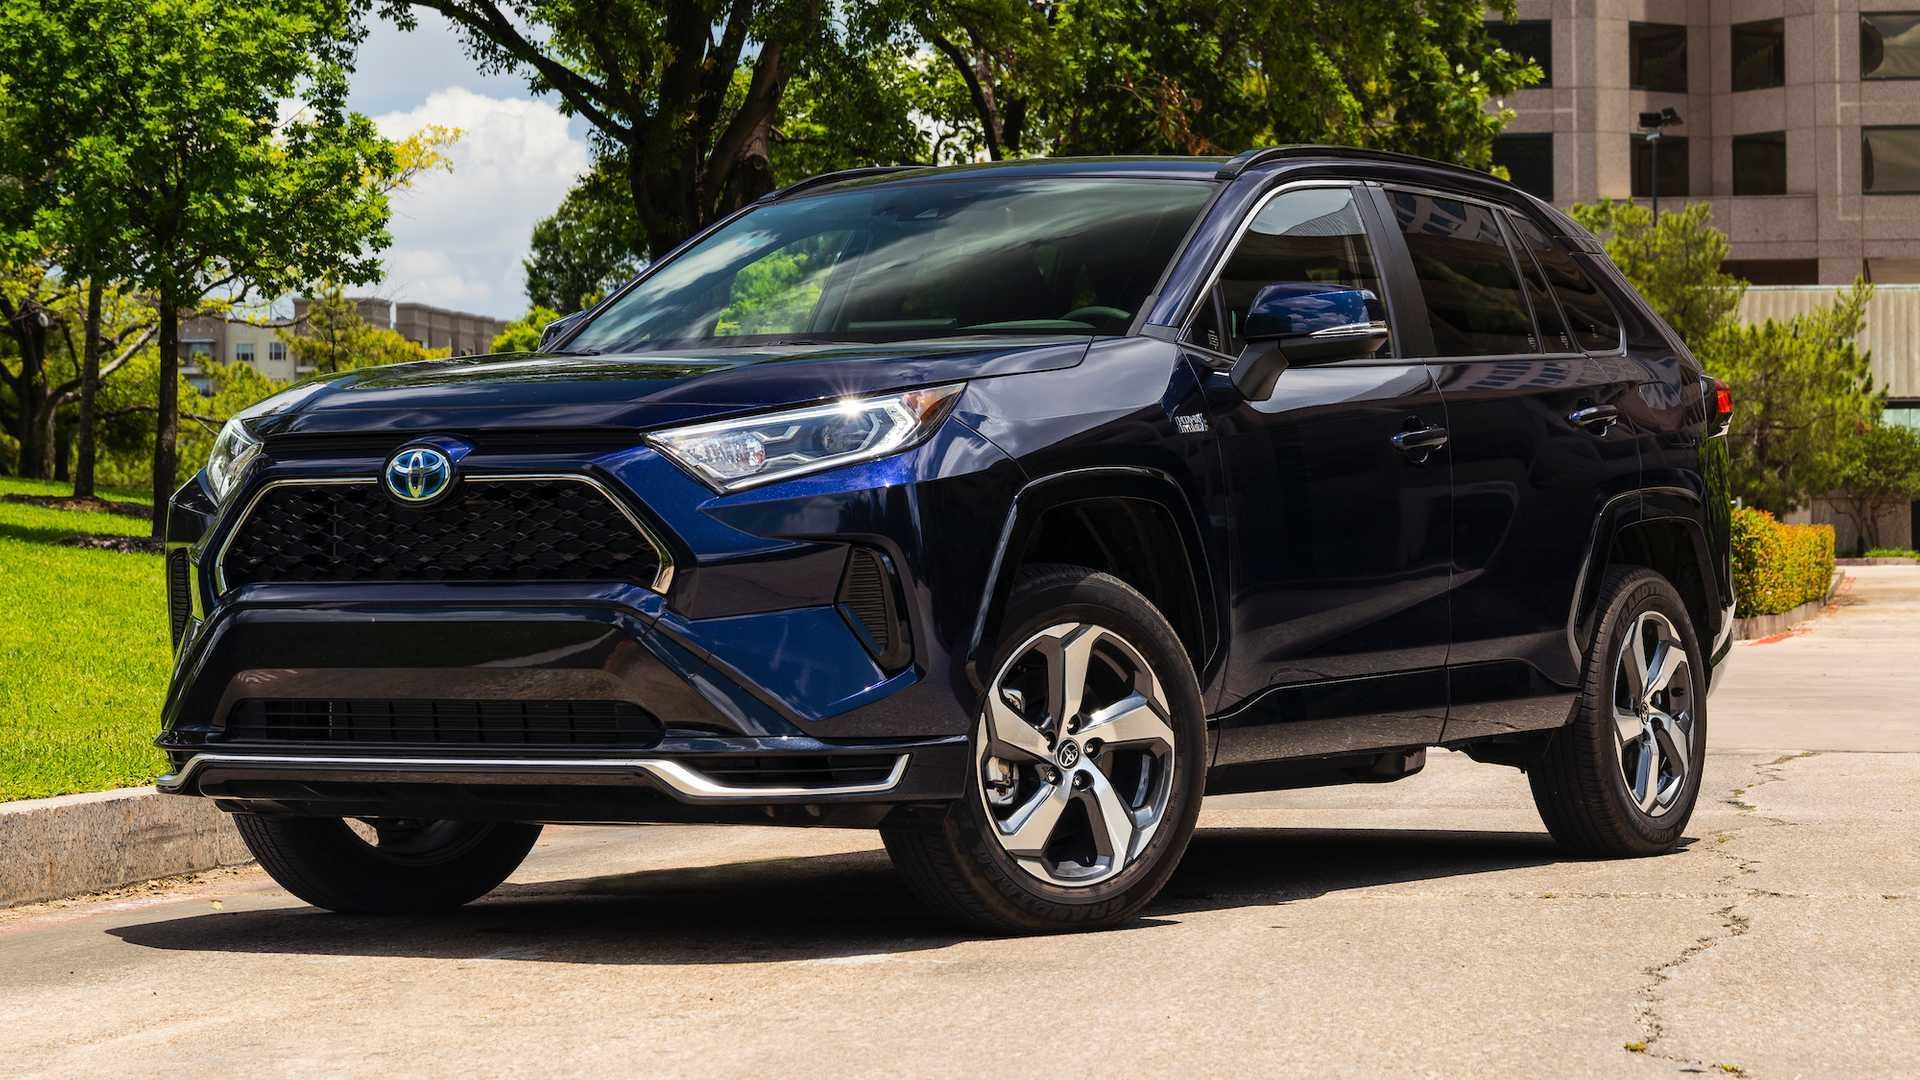 2021 Toyota Rav4 Prime Sees Dealer Markups As Much As 10k